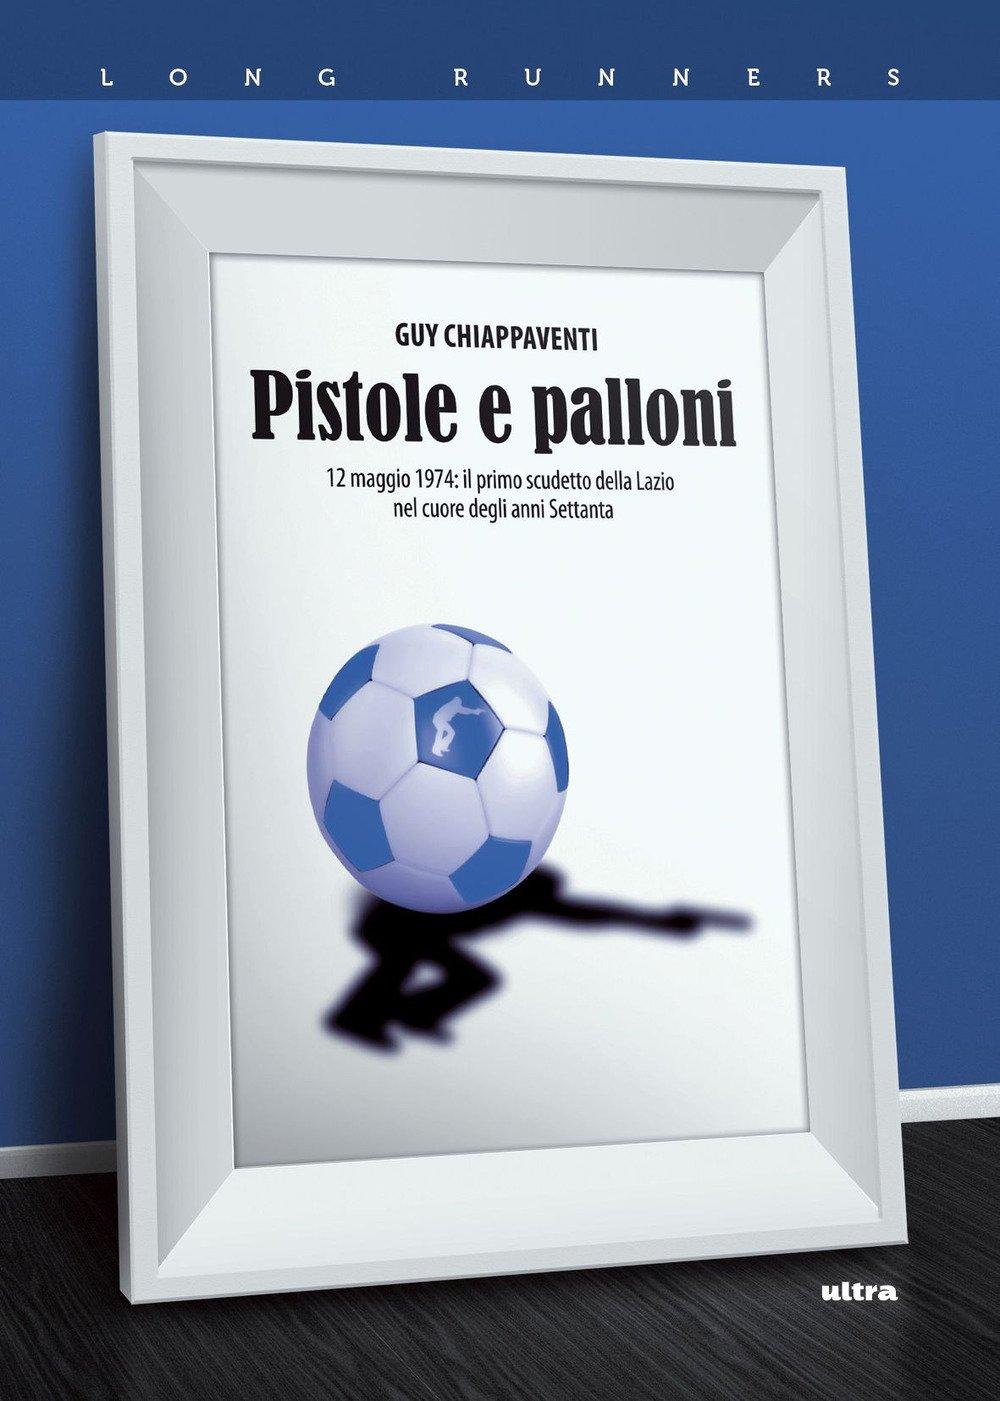 Pistole e palloni. 12 maggio 1974: il primo scudetto della Lazio nel cuore degli anni Settanta